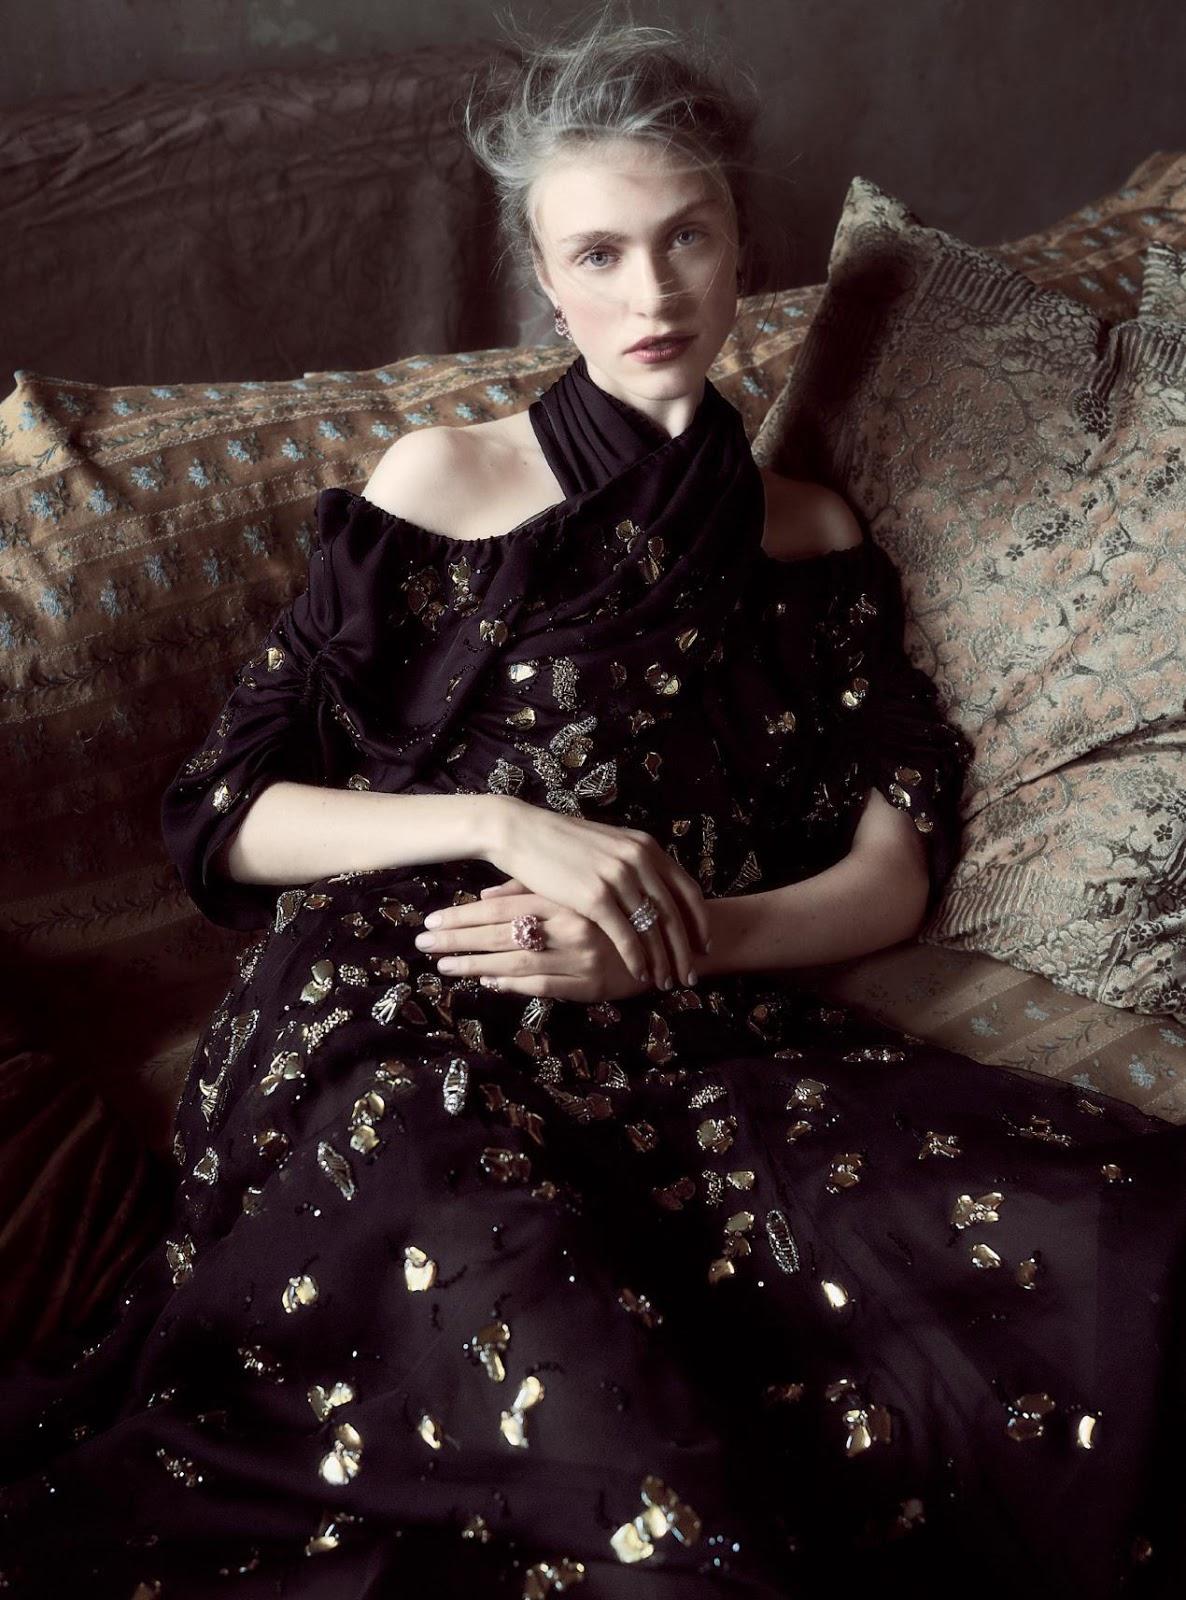 платье из шелка и органзы, Dior Haute Couture; серьги из розового золота с бриллиантами и рубинами, Dior Joaillerie; на правой руке: кольцо из белого золота с бриллиантами, на левой руке: кольцо из розового золота с бриллиантами и рубинами, Dior Joaillerie